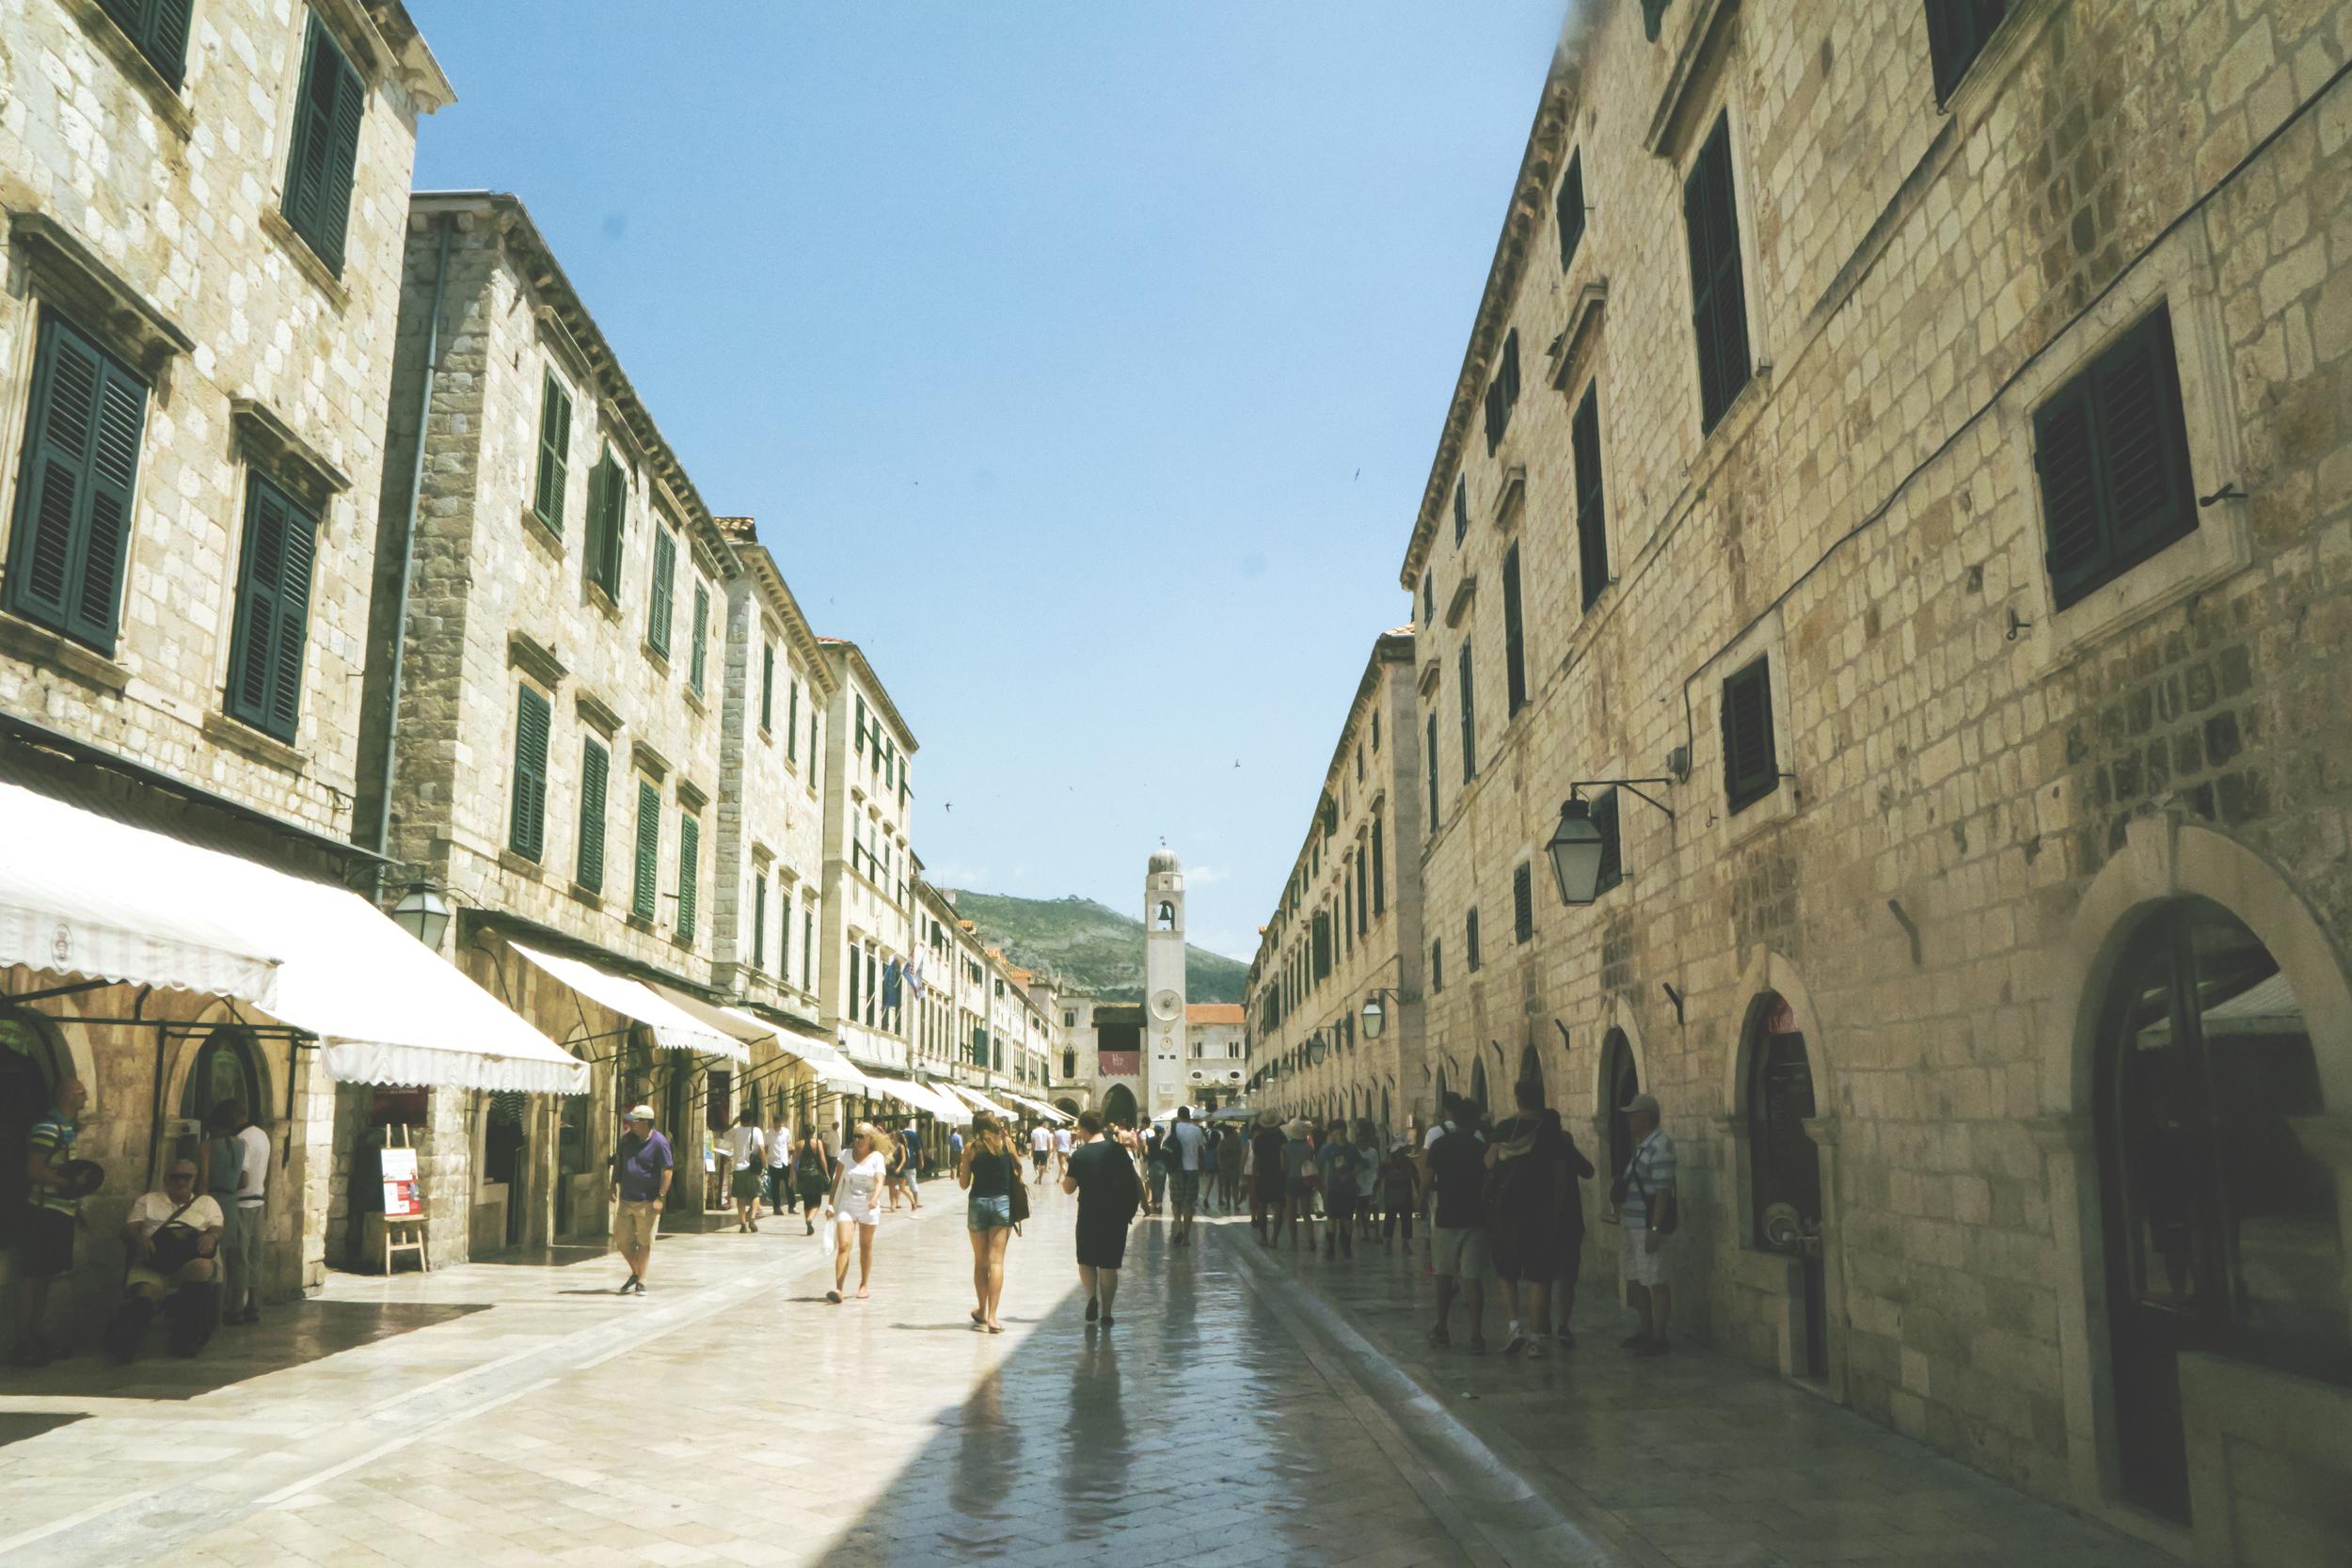 La calle Placa o Stradun. Una de las calles principales de la ciudad.